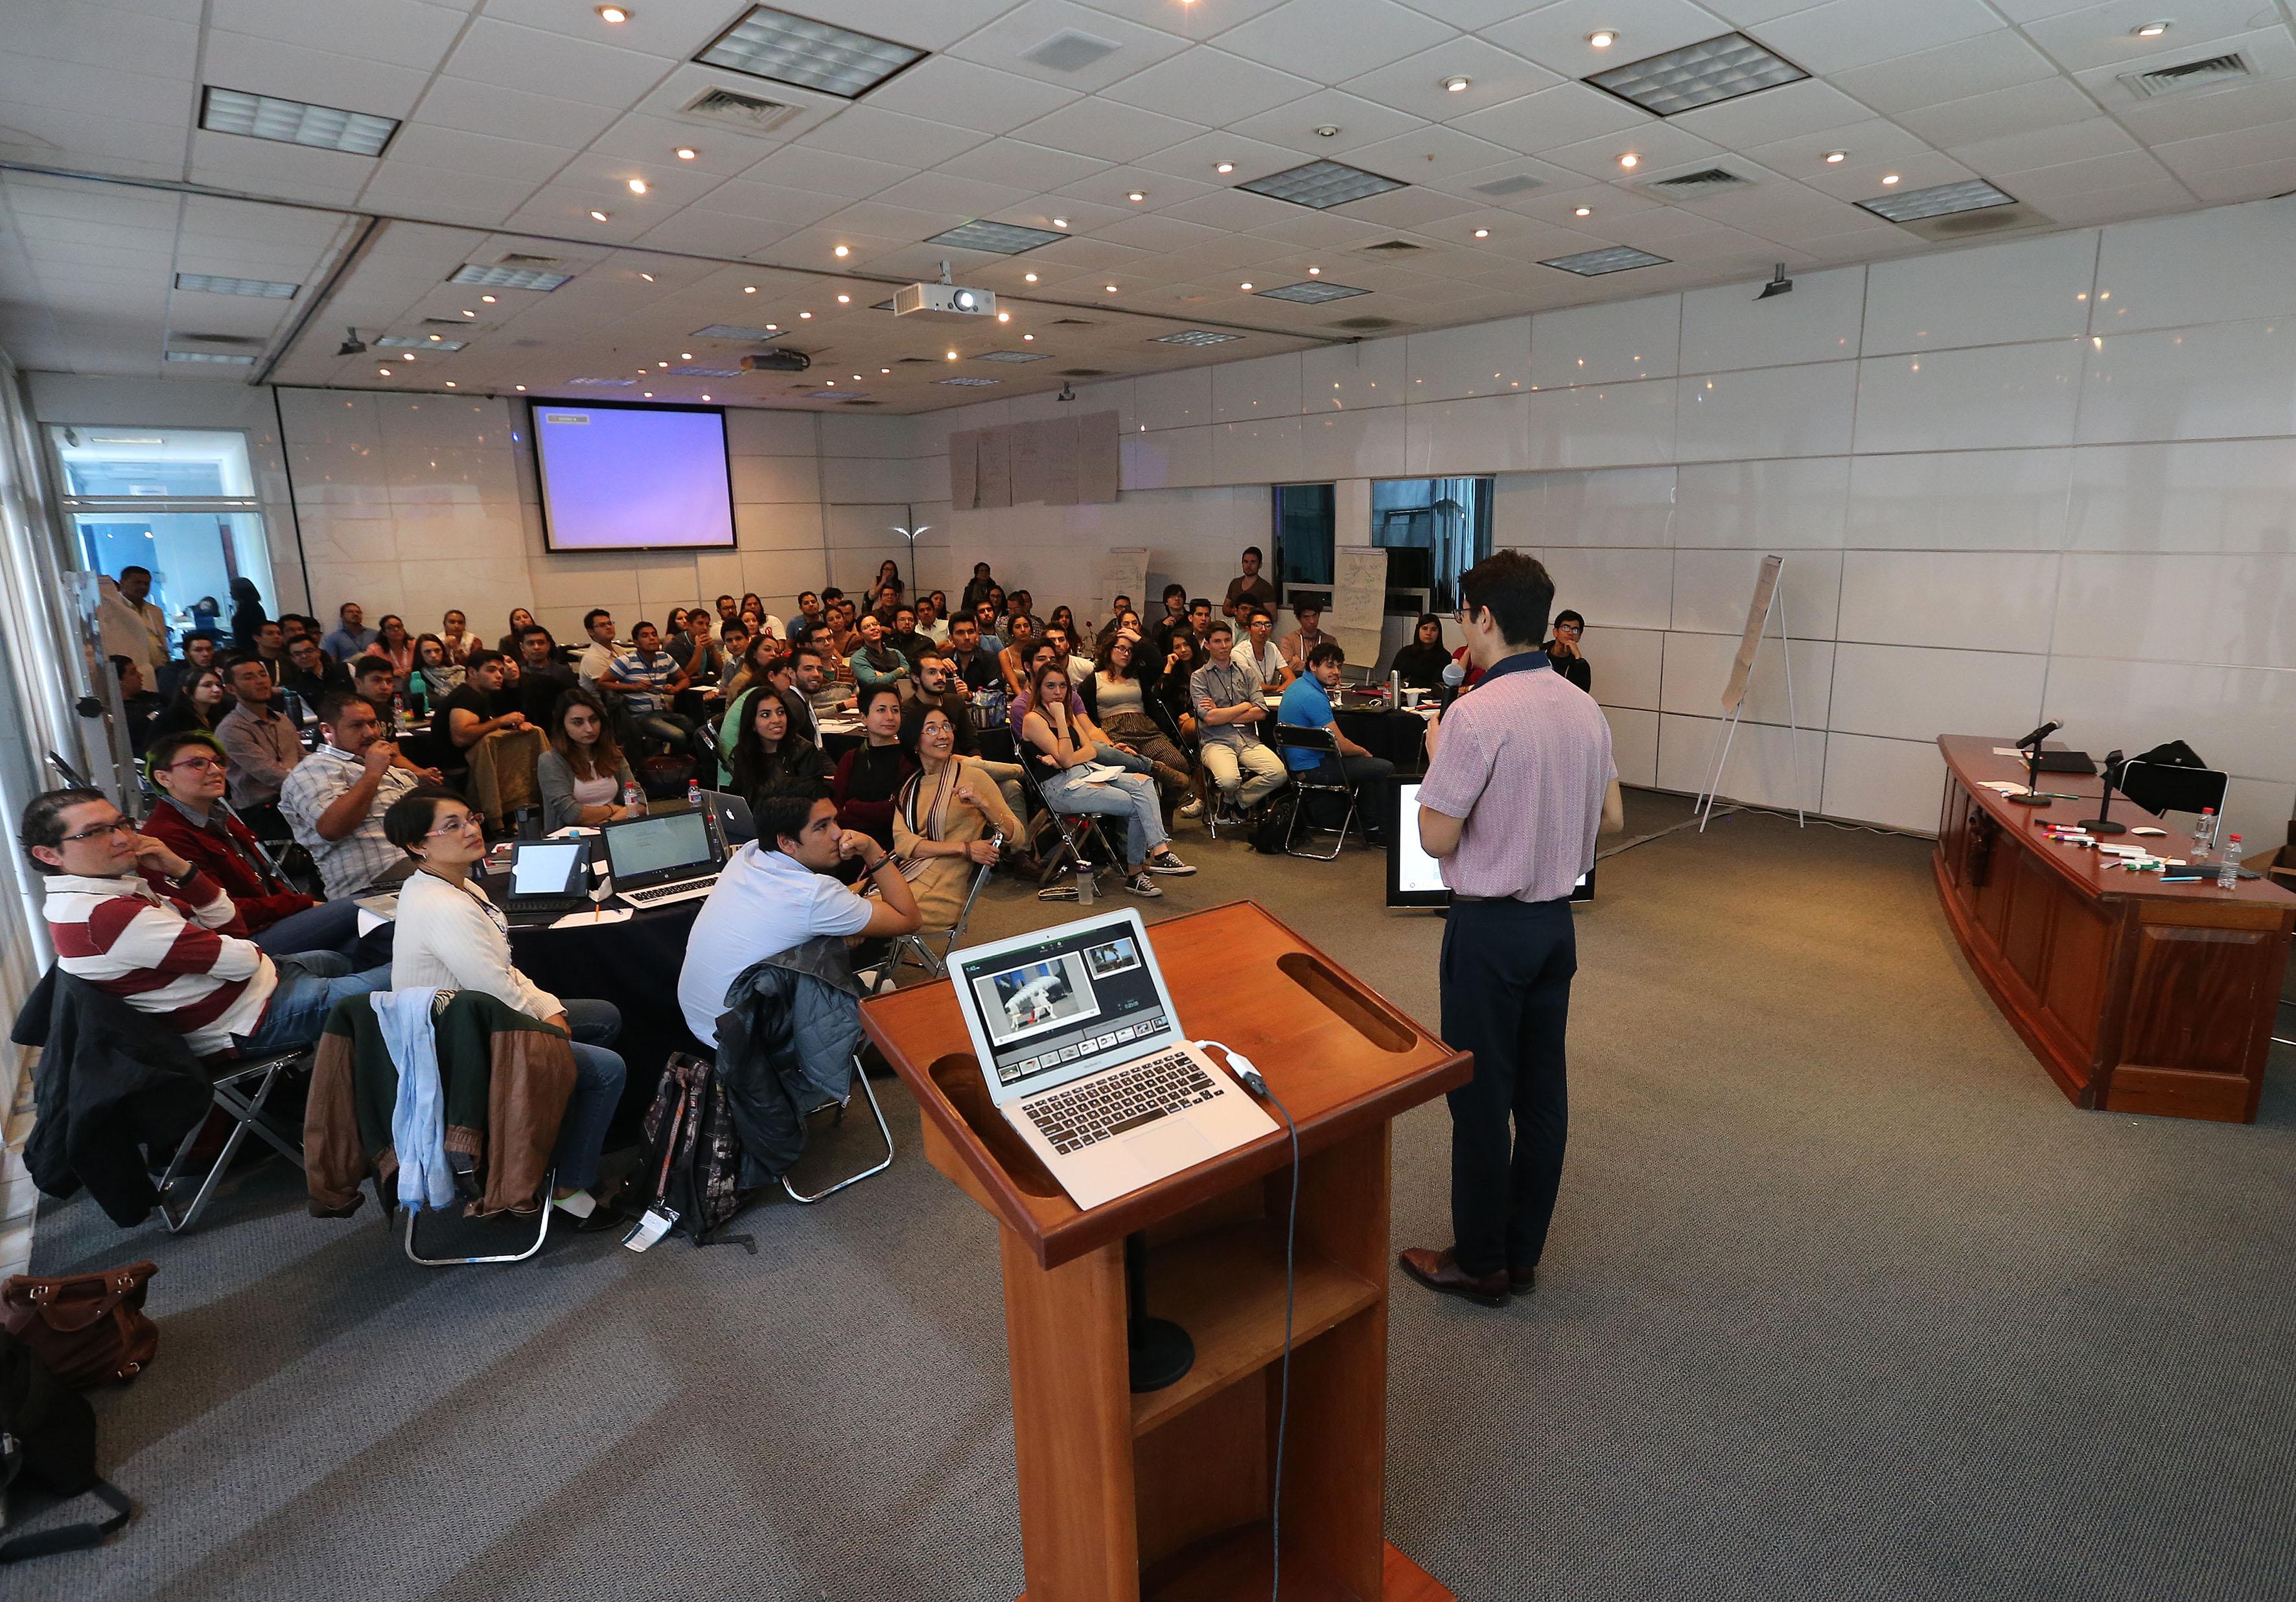 Vista panorámica de los asitentes y mentor, durante la impartición del taller.